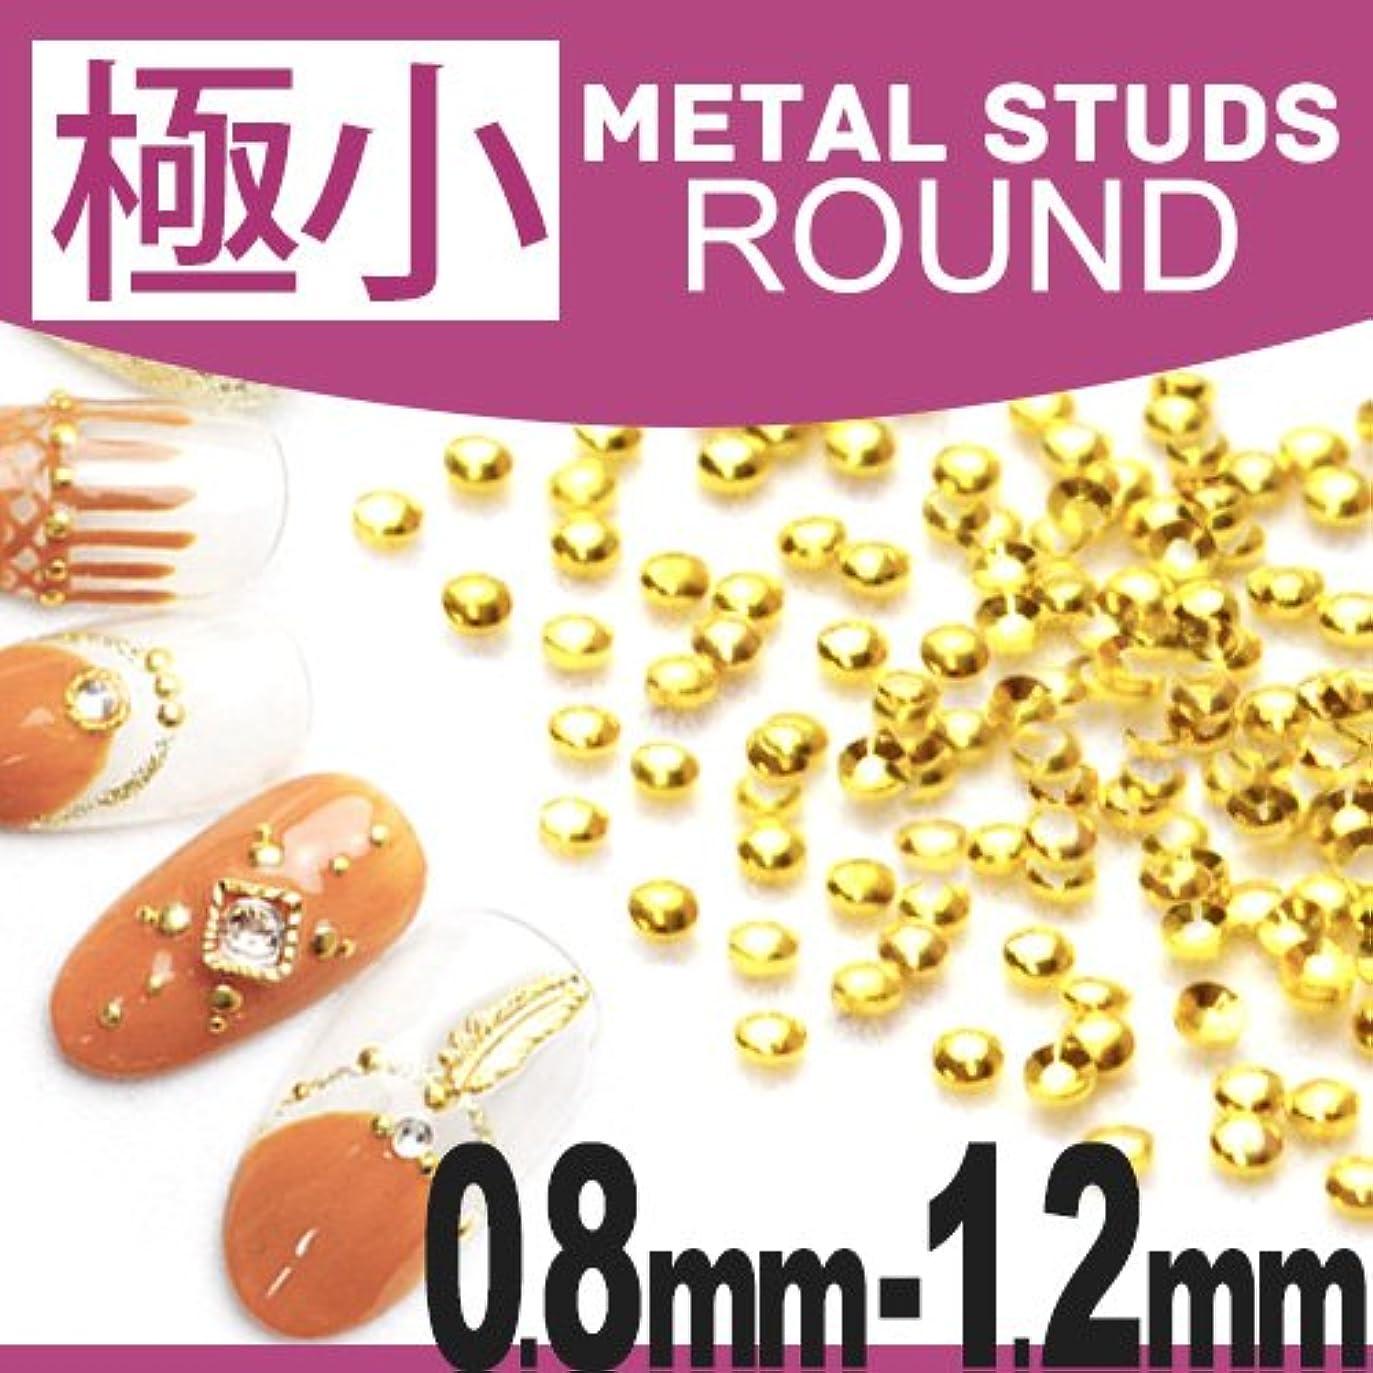 バリケード備品こどもの日極小ラウンドメタルスタッズ 0.8mm[ゴールド] メタルパーツ ジェルネイル